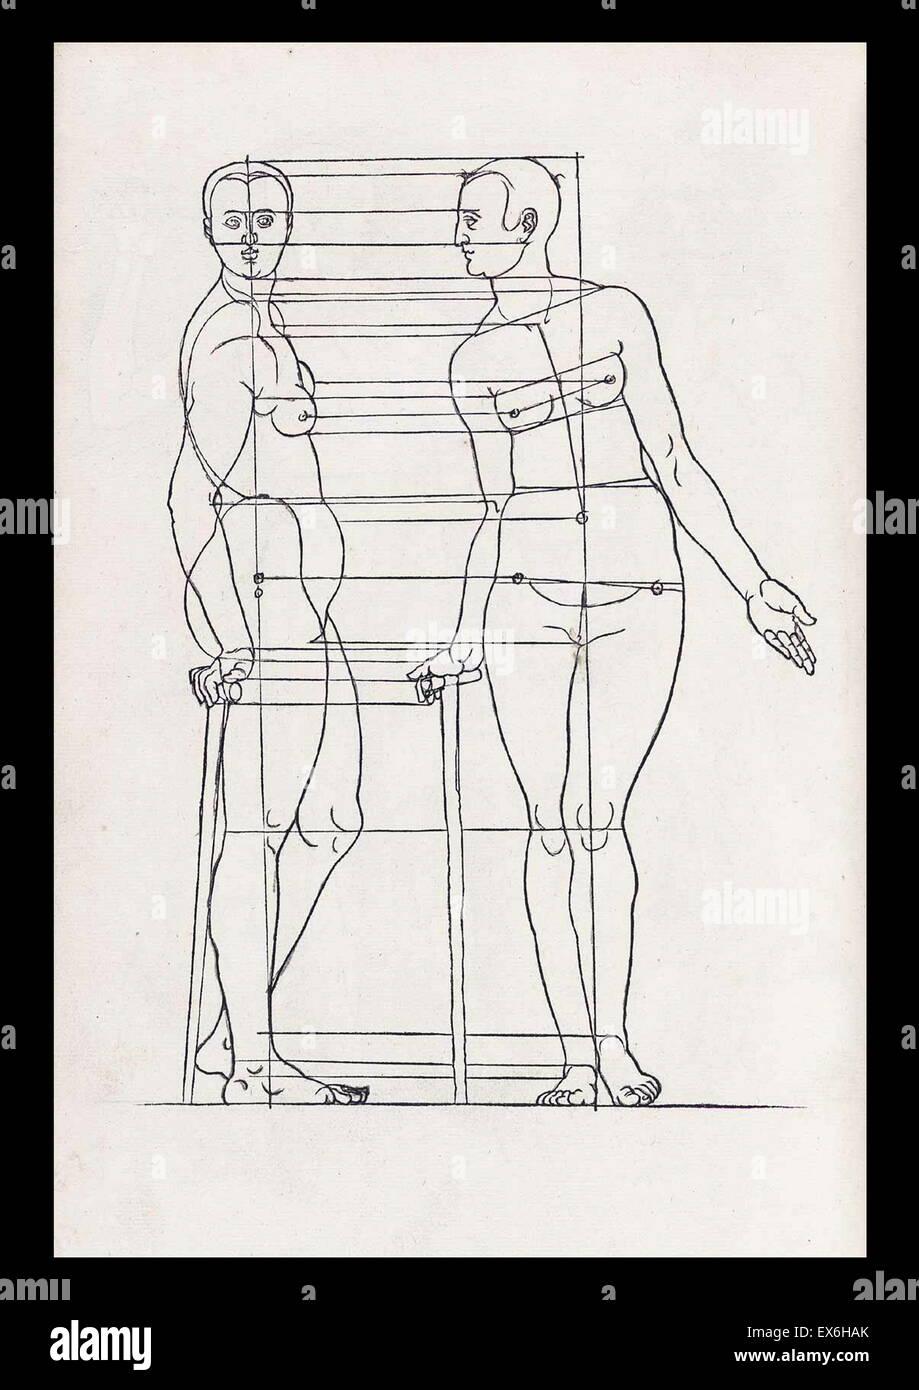 Ausgezeichnet Menschliche Anatomie Bücher Ideen - Anatomie Ideen ...